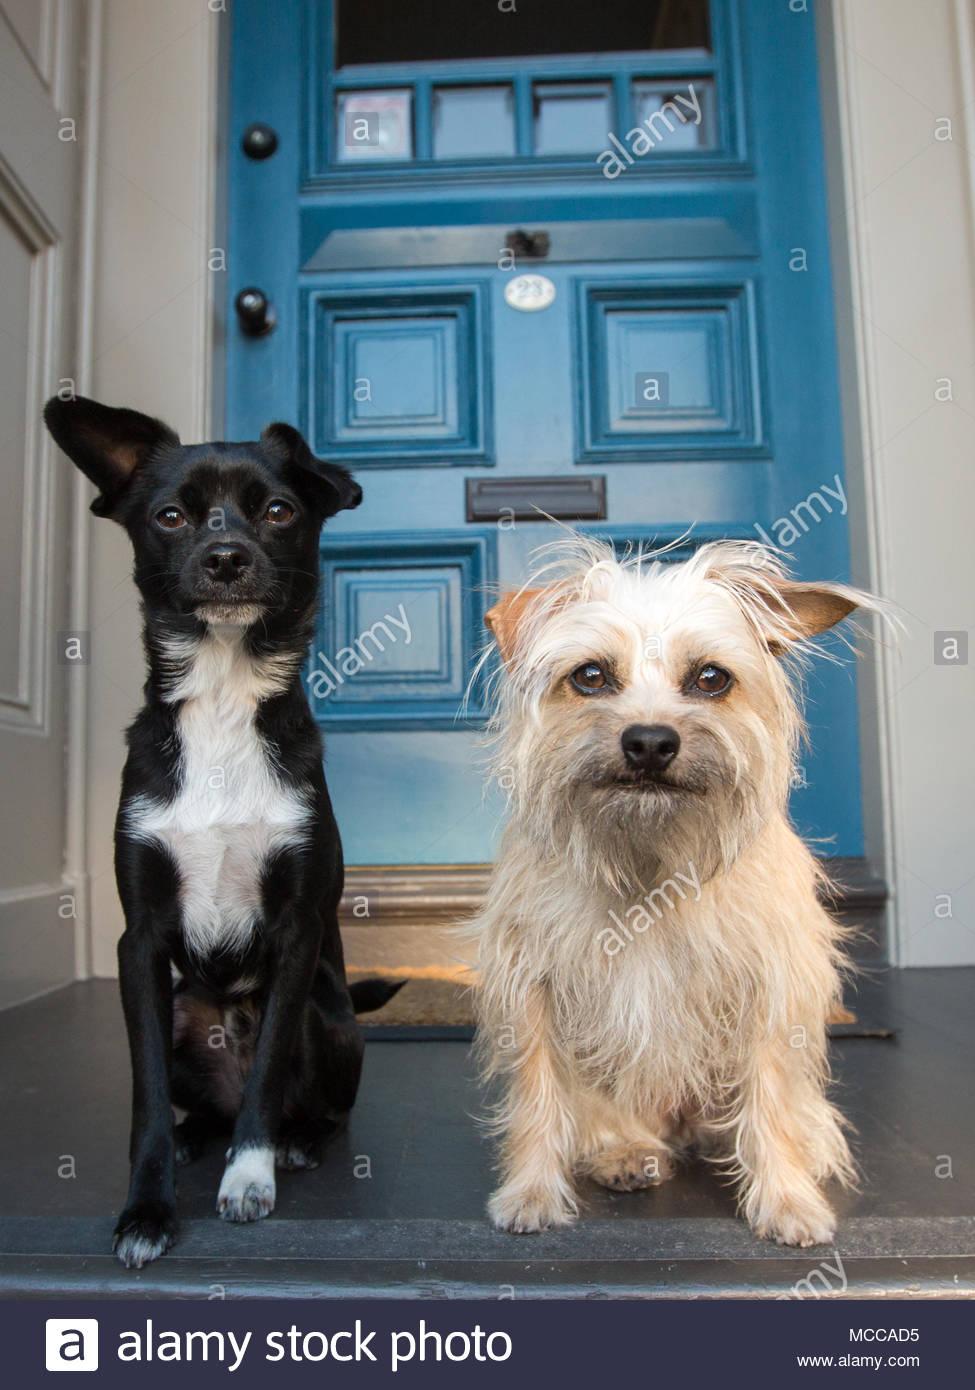 Zwei kleine Hunde, eine schwarze und weiße die anderen einen schäbigen Off-white, nebeneinander sitzen auf einer Veranda vor einem blauen Tür schwere Express Stockbild